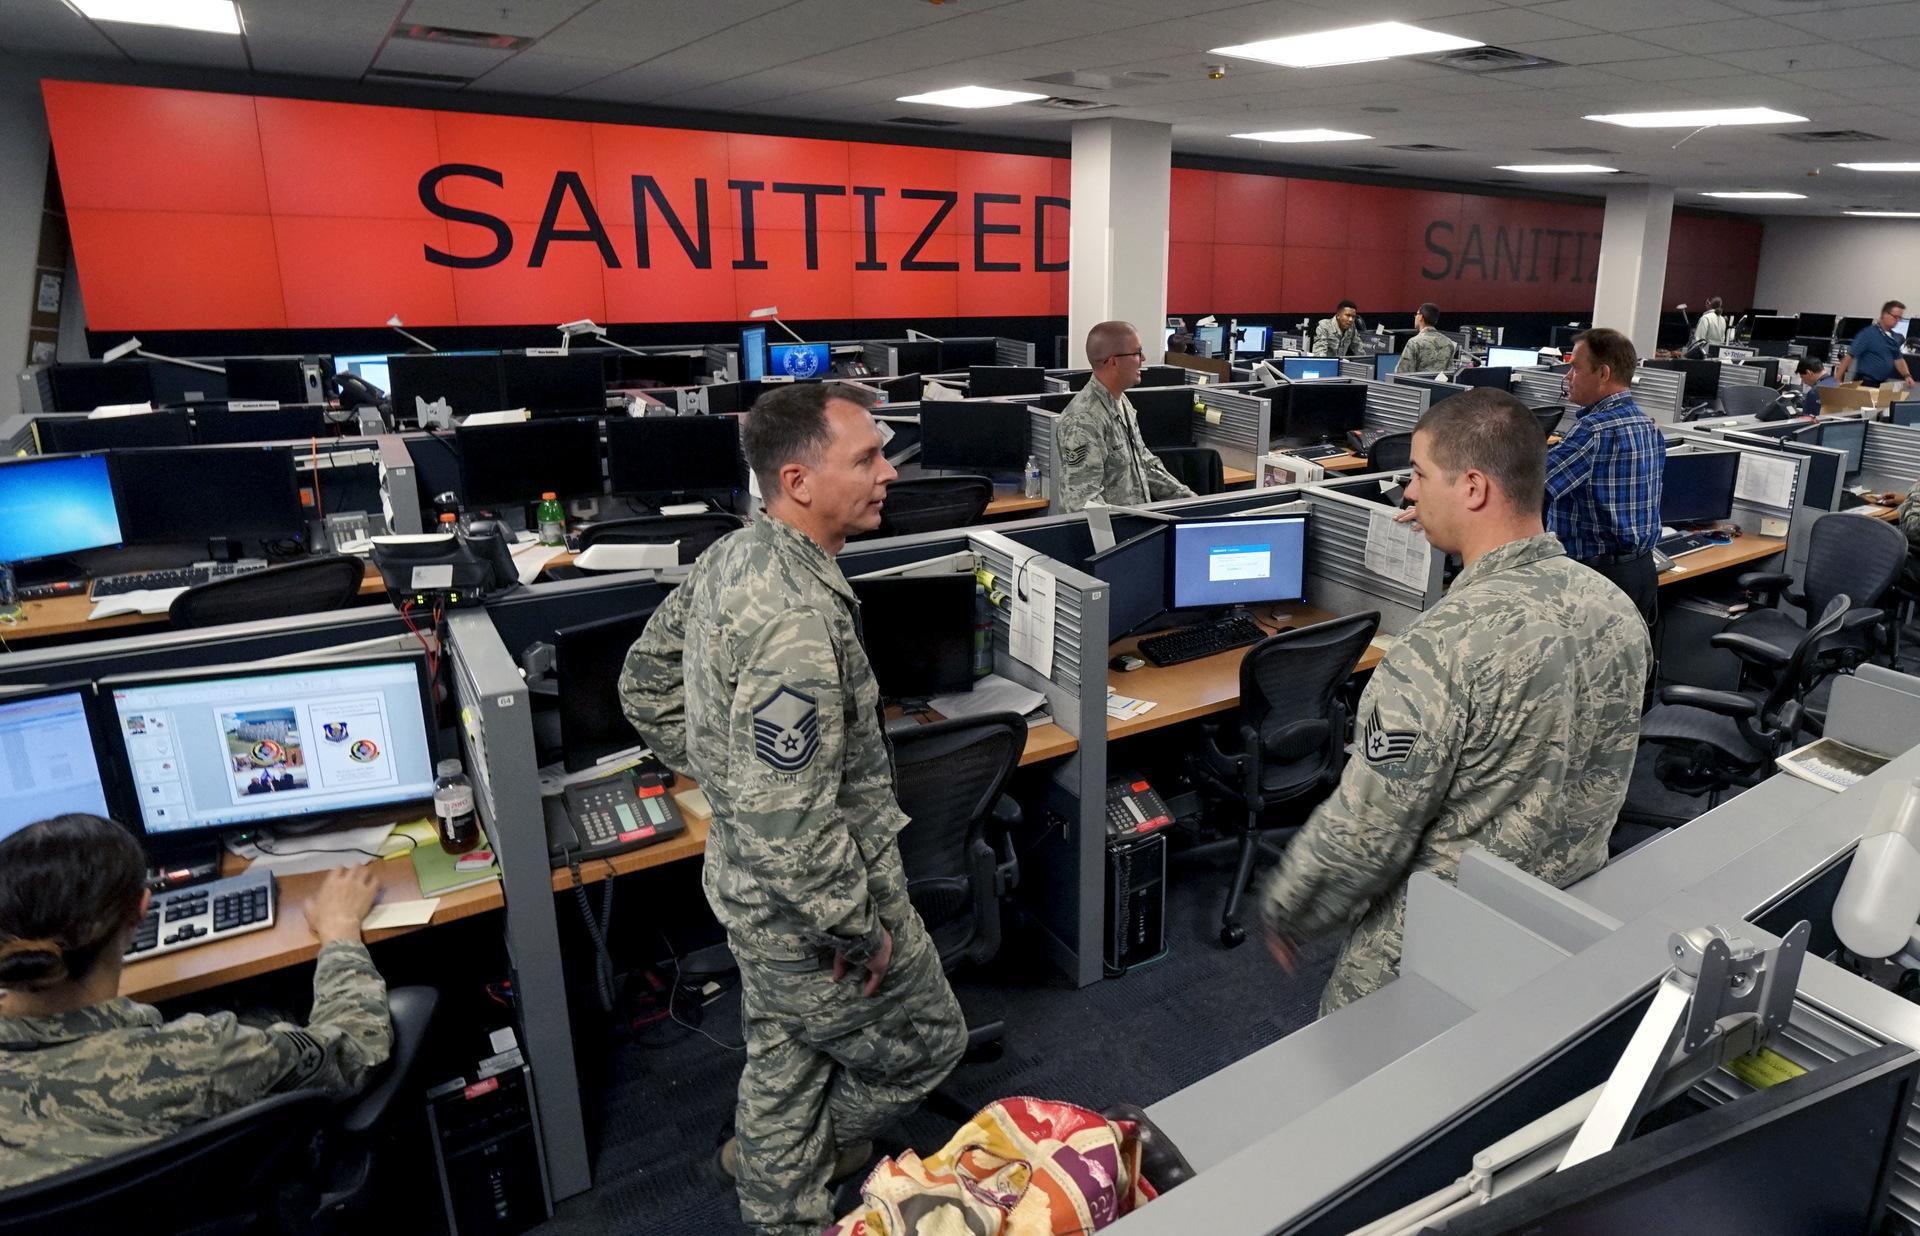 Вашингтонский киберплан: американские СМИ сообщили о разработке в США тактики информационной войны с Россией